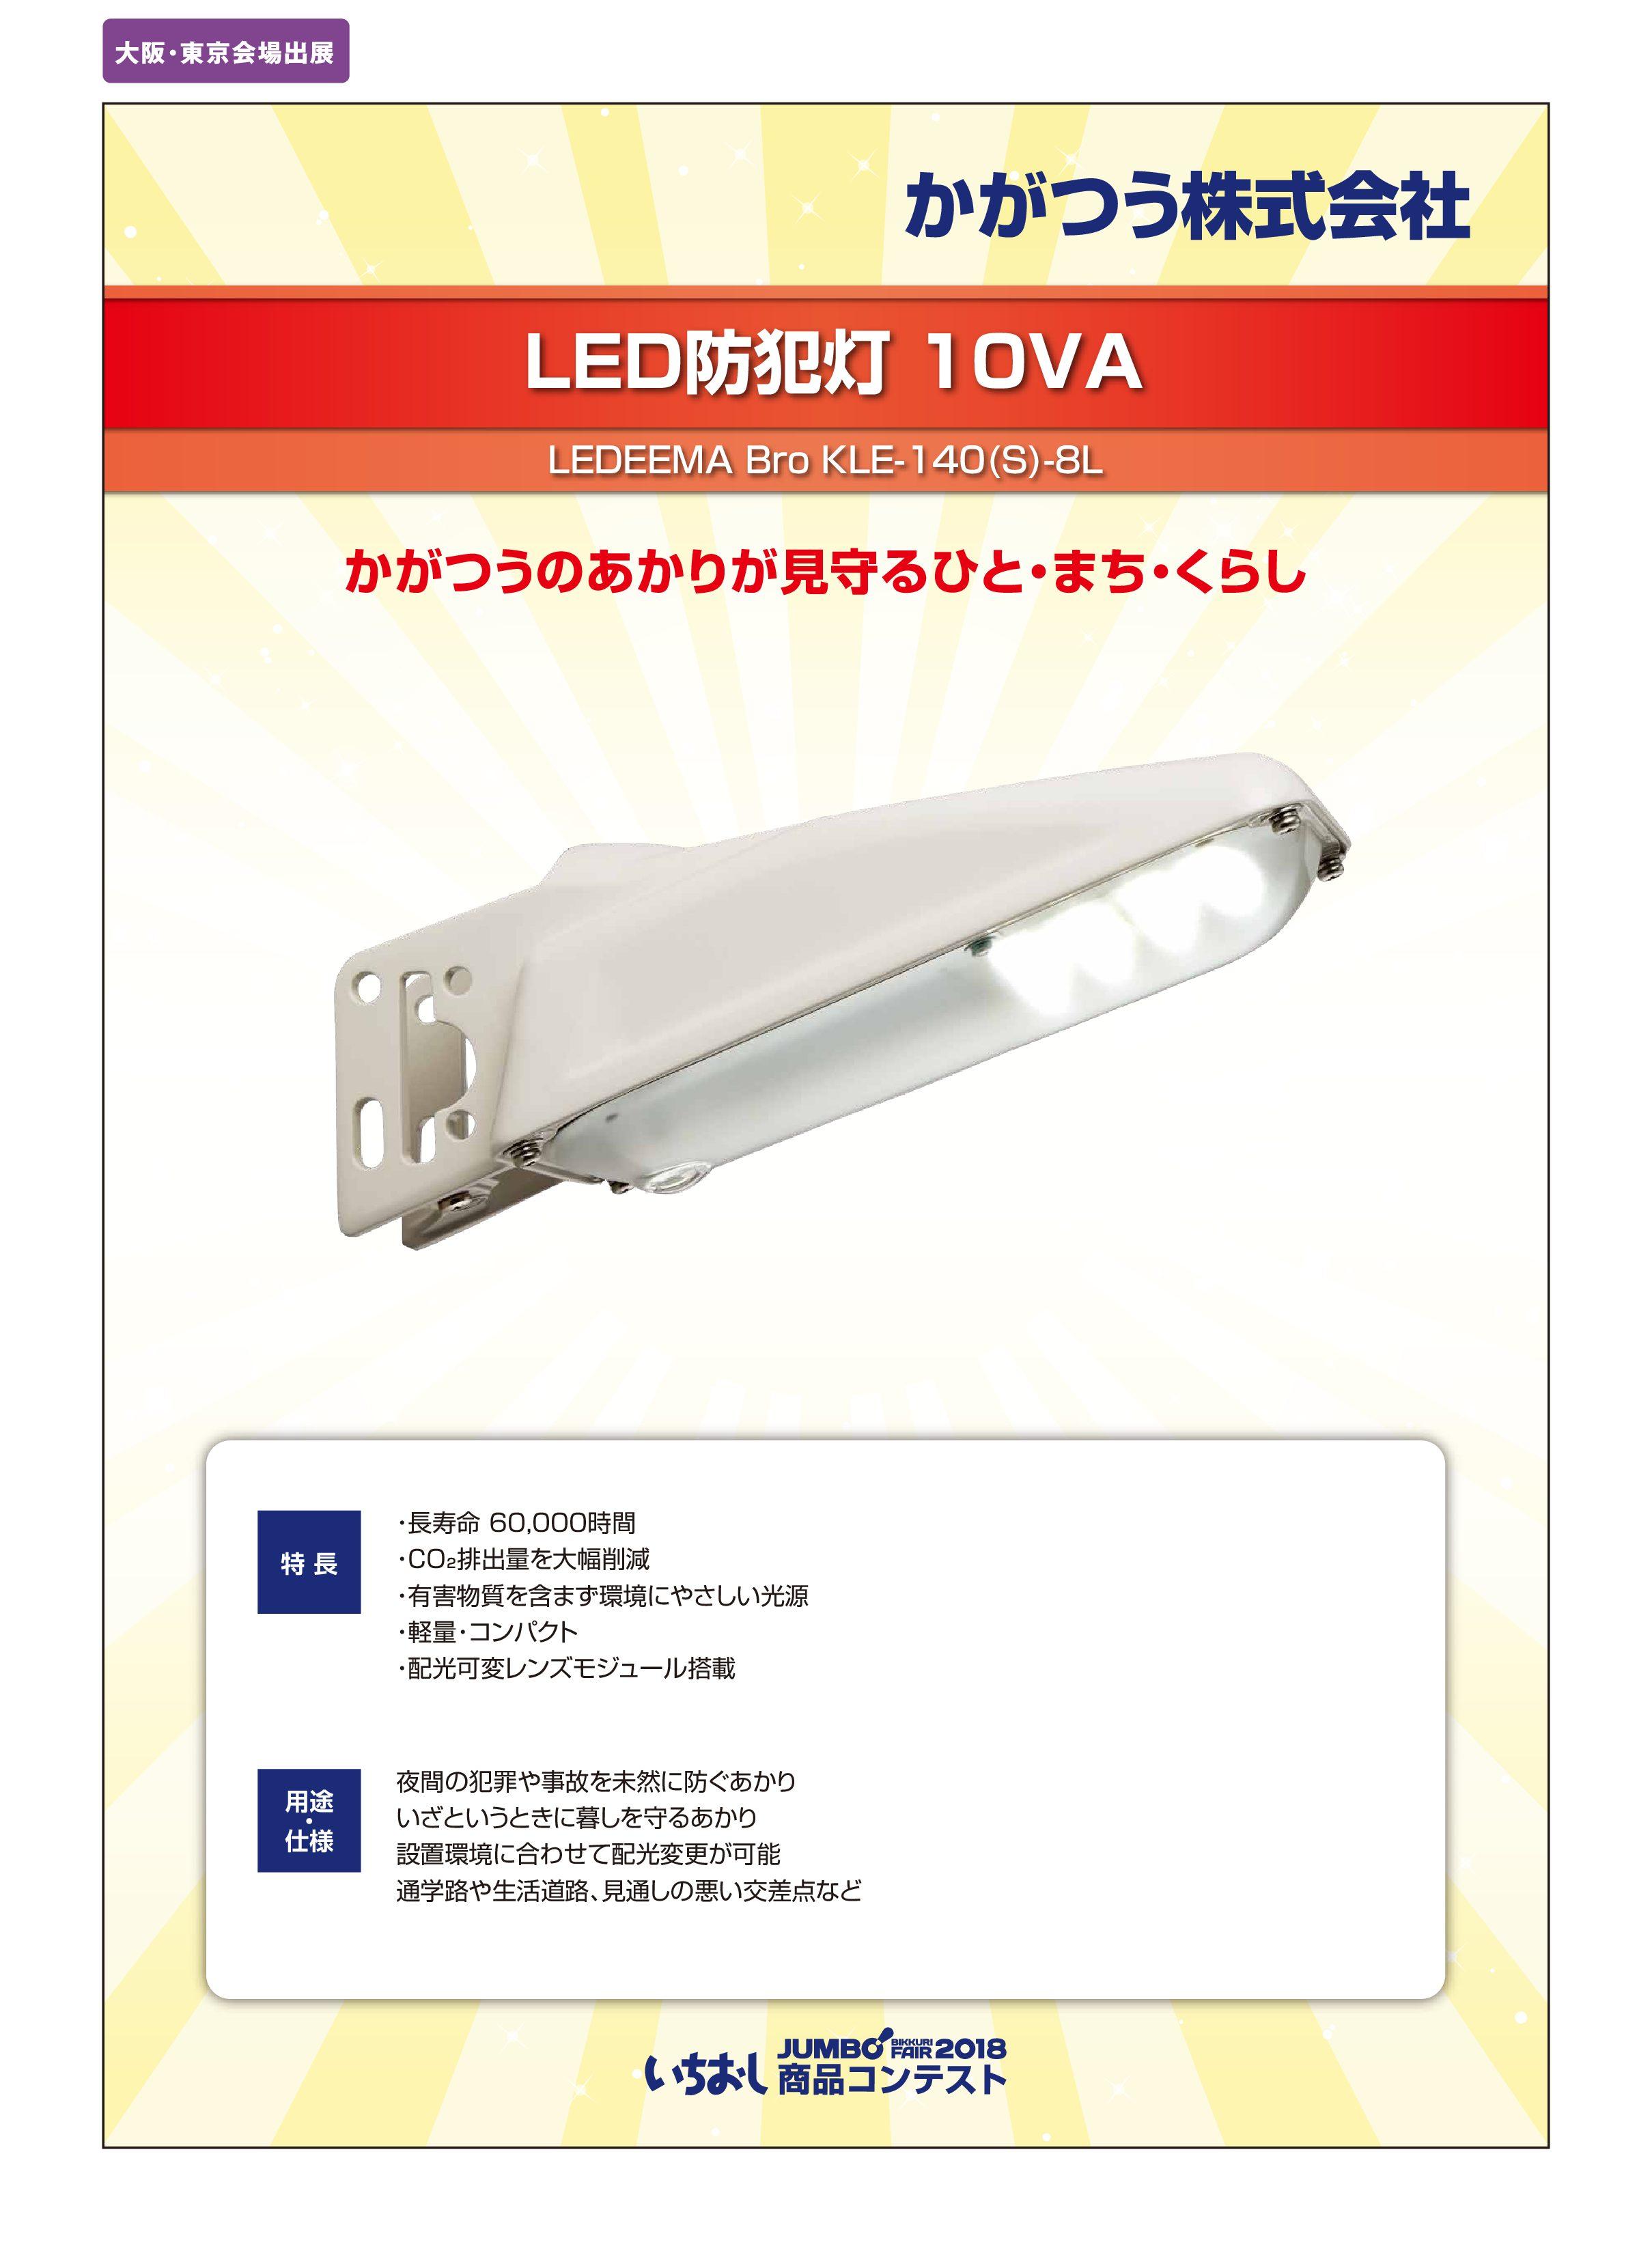 「LED防犯灯 10VA」かがつう株式会社の画像